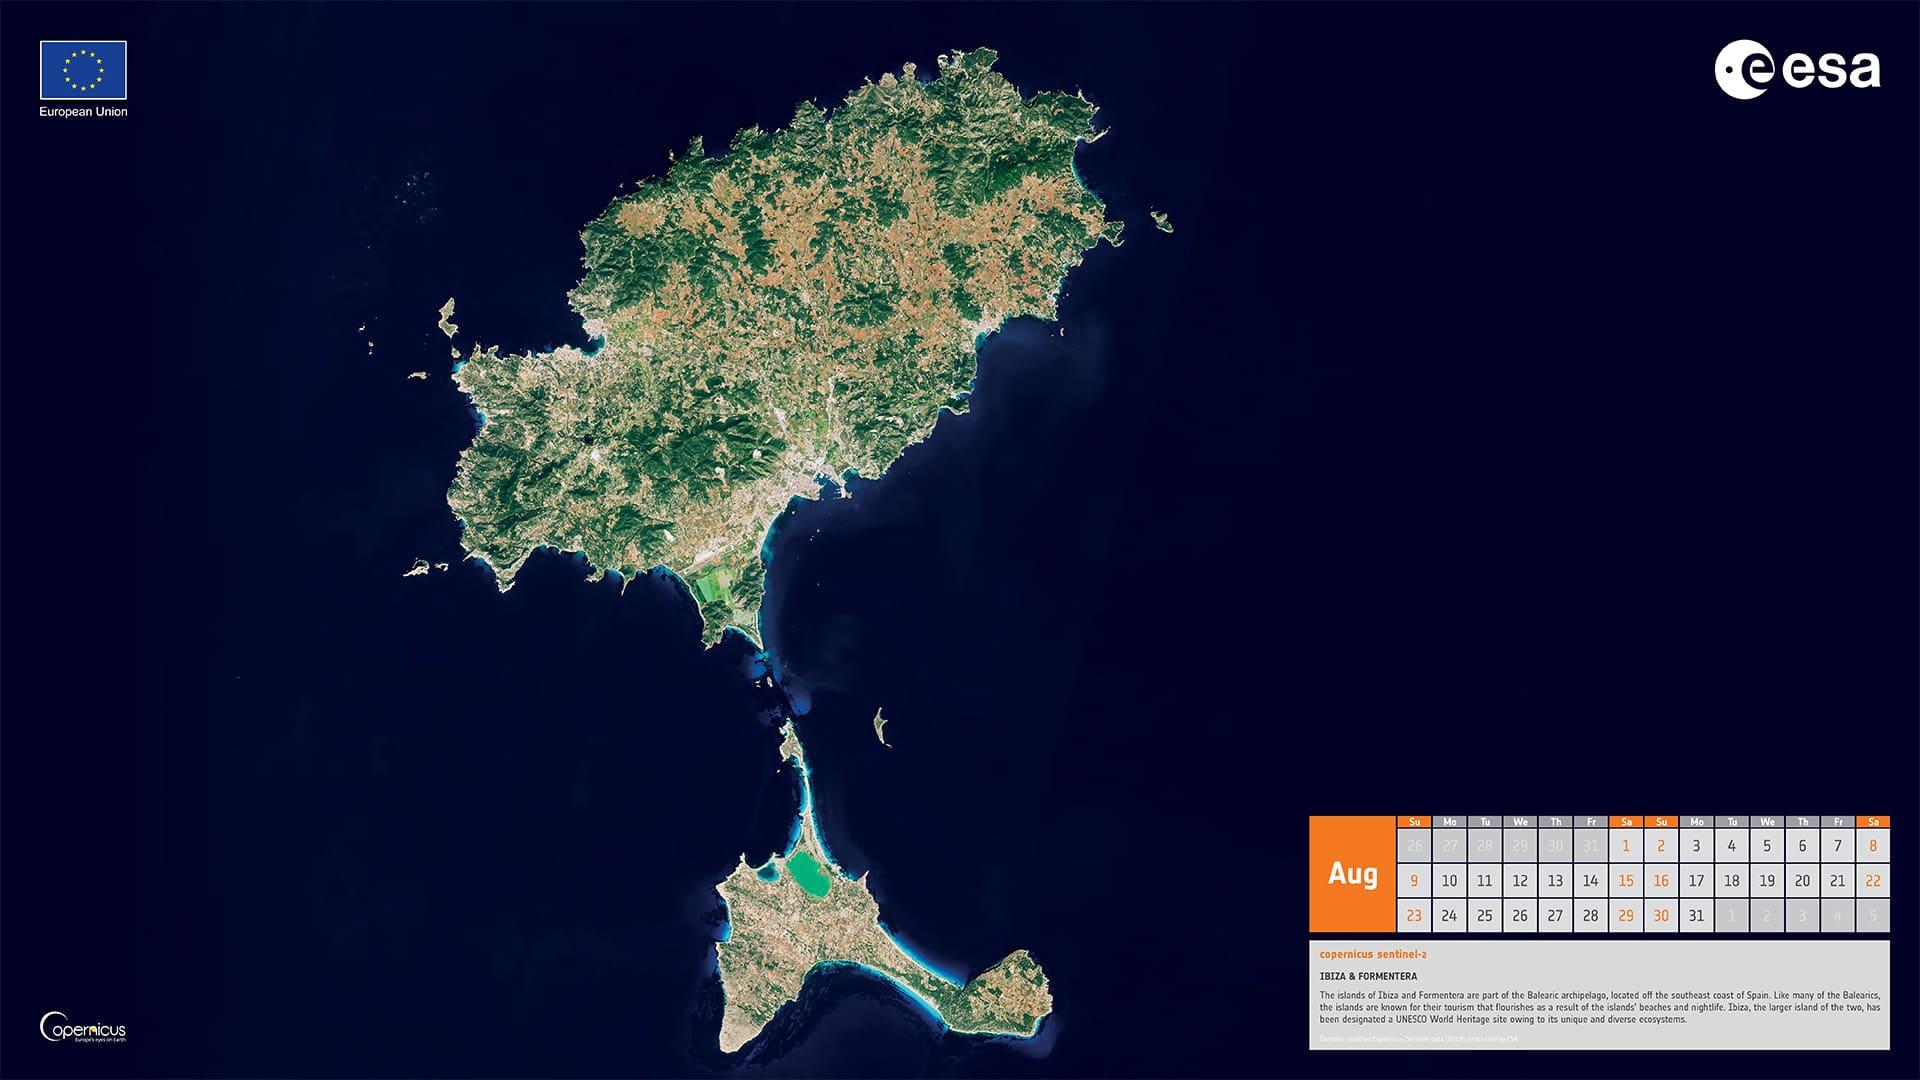 Août 2020 - Ibiza et Formentera (Baléares, Espagne)